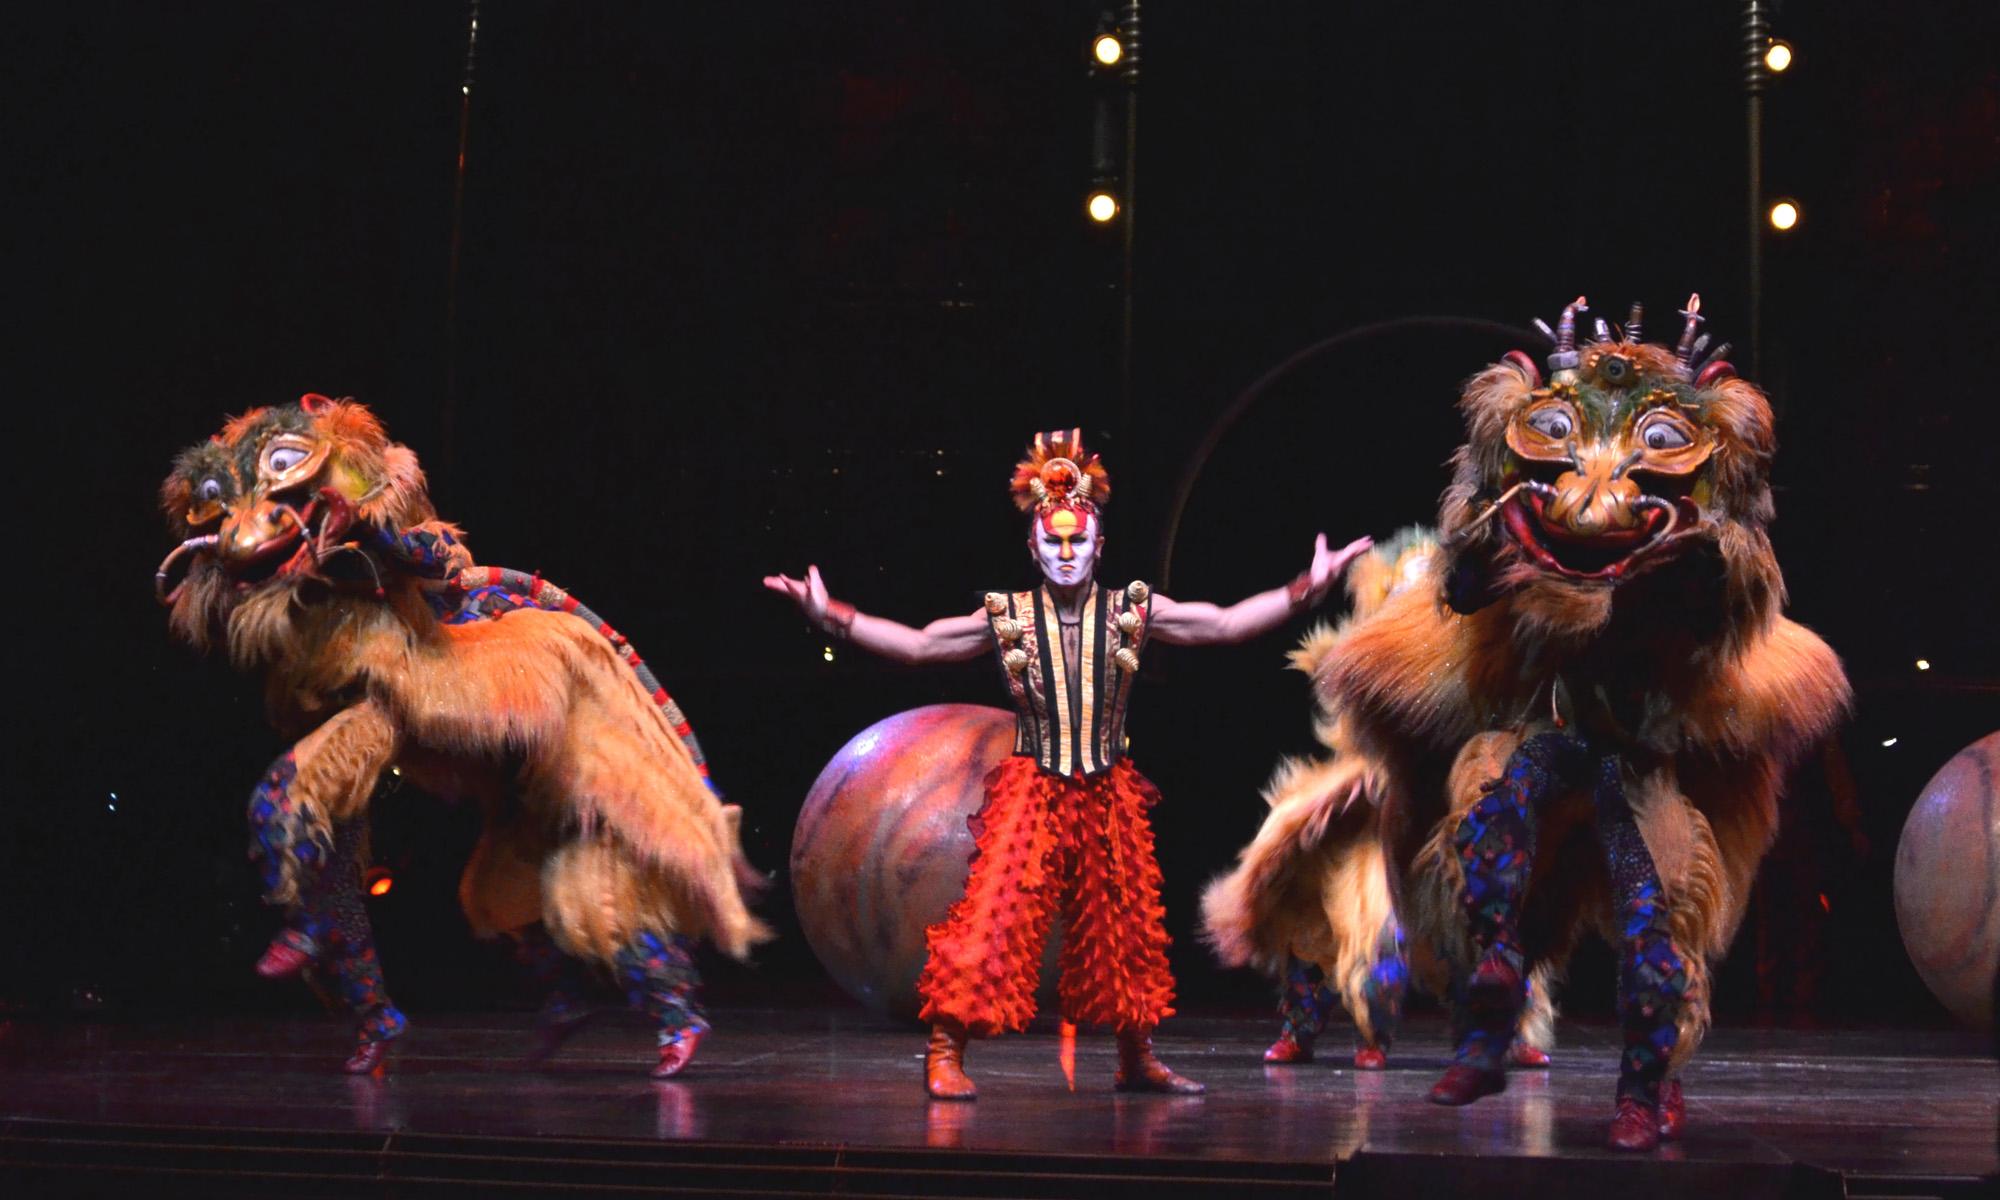 Как купить билеты на цирк дю солей челябинск сколько стоит билет на концерт спирс